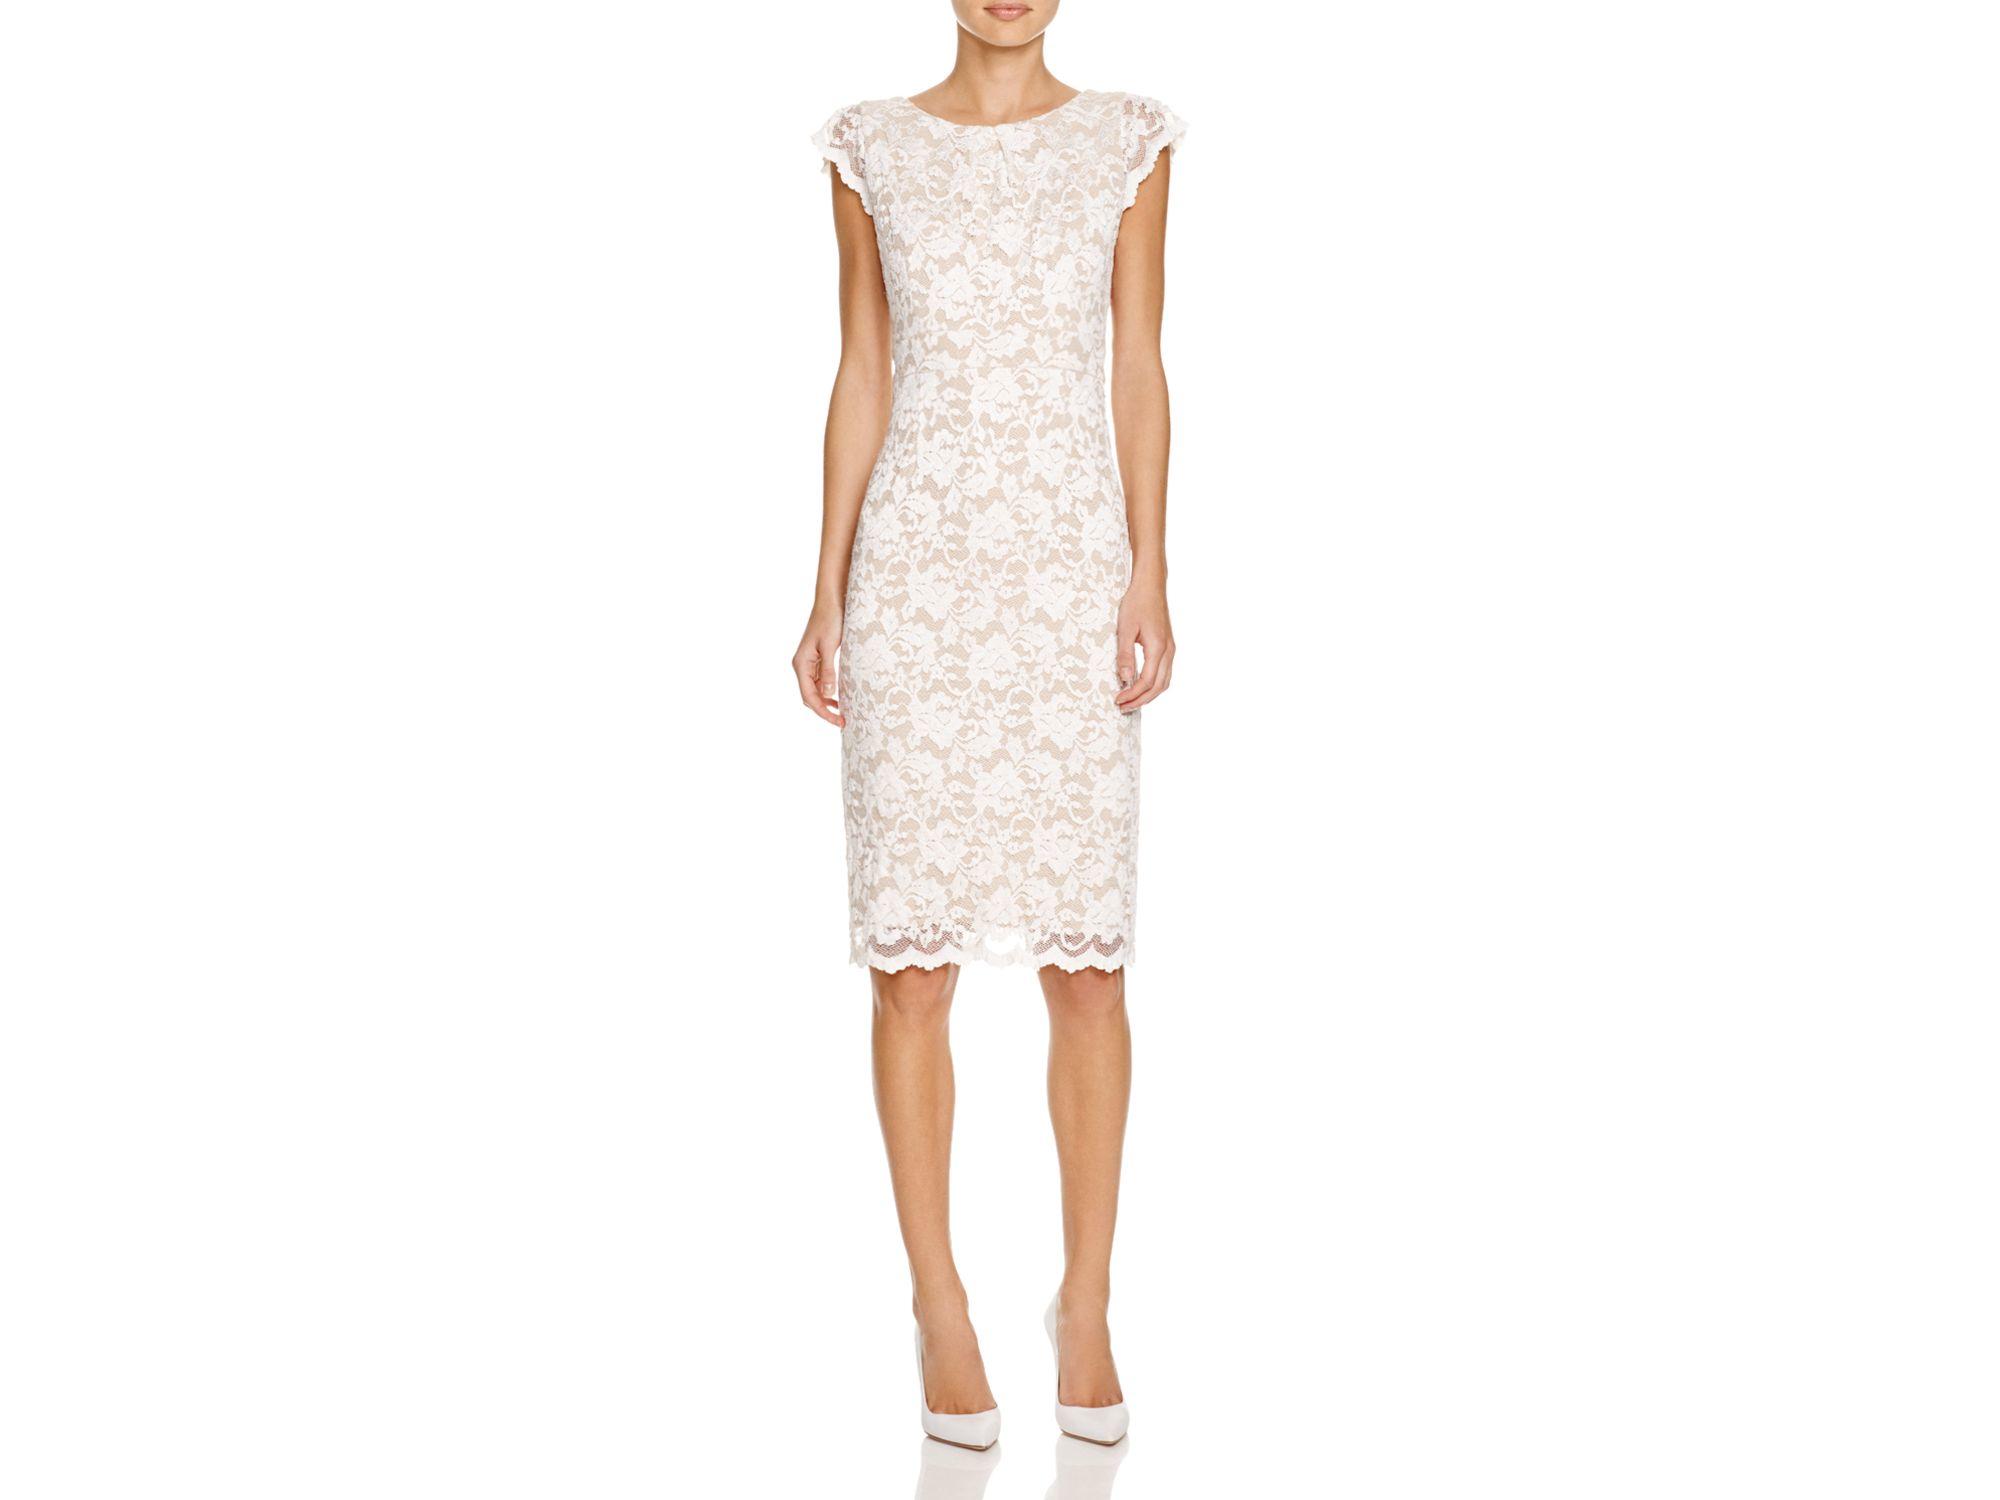 Abs by allen schwartz Cap Sleeve Lace Sheath Dress in White | Lyst